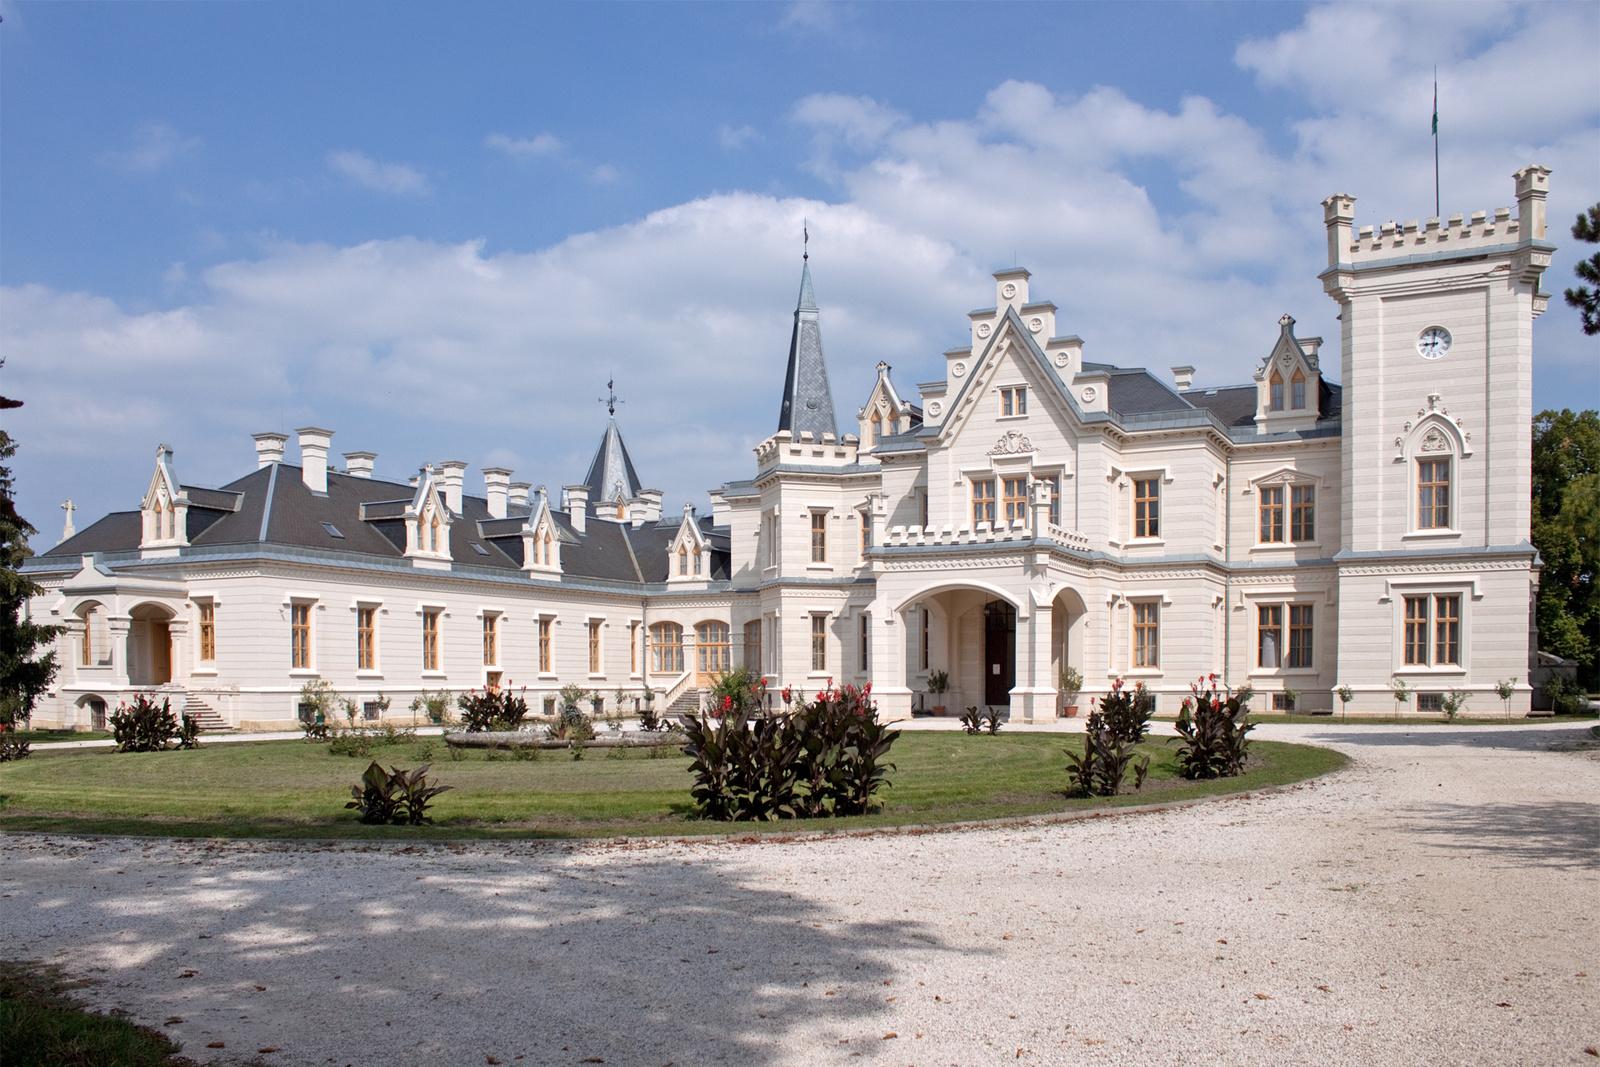 Melyik kastély látható a képen?